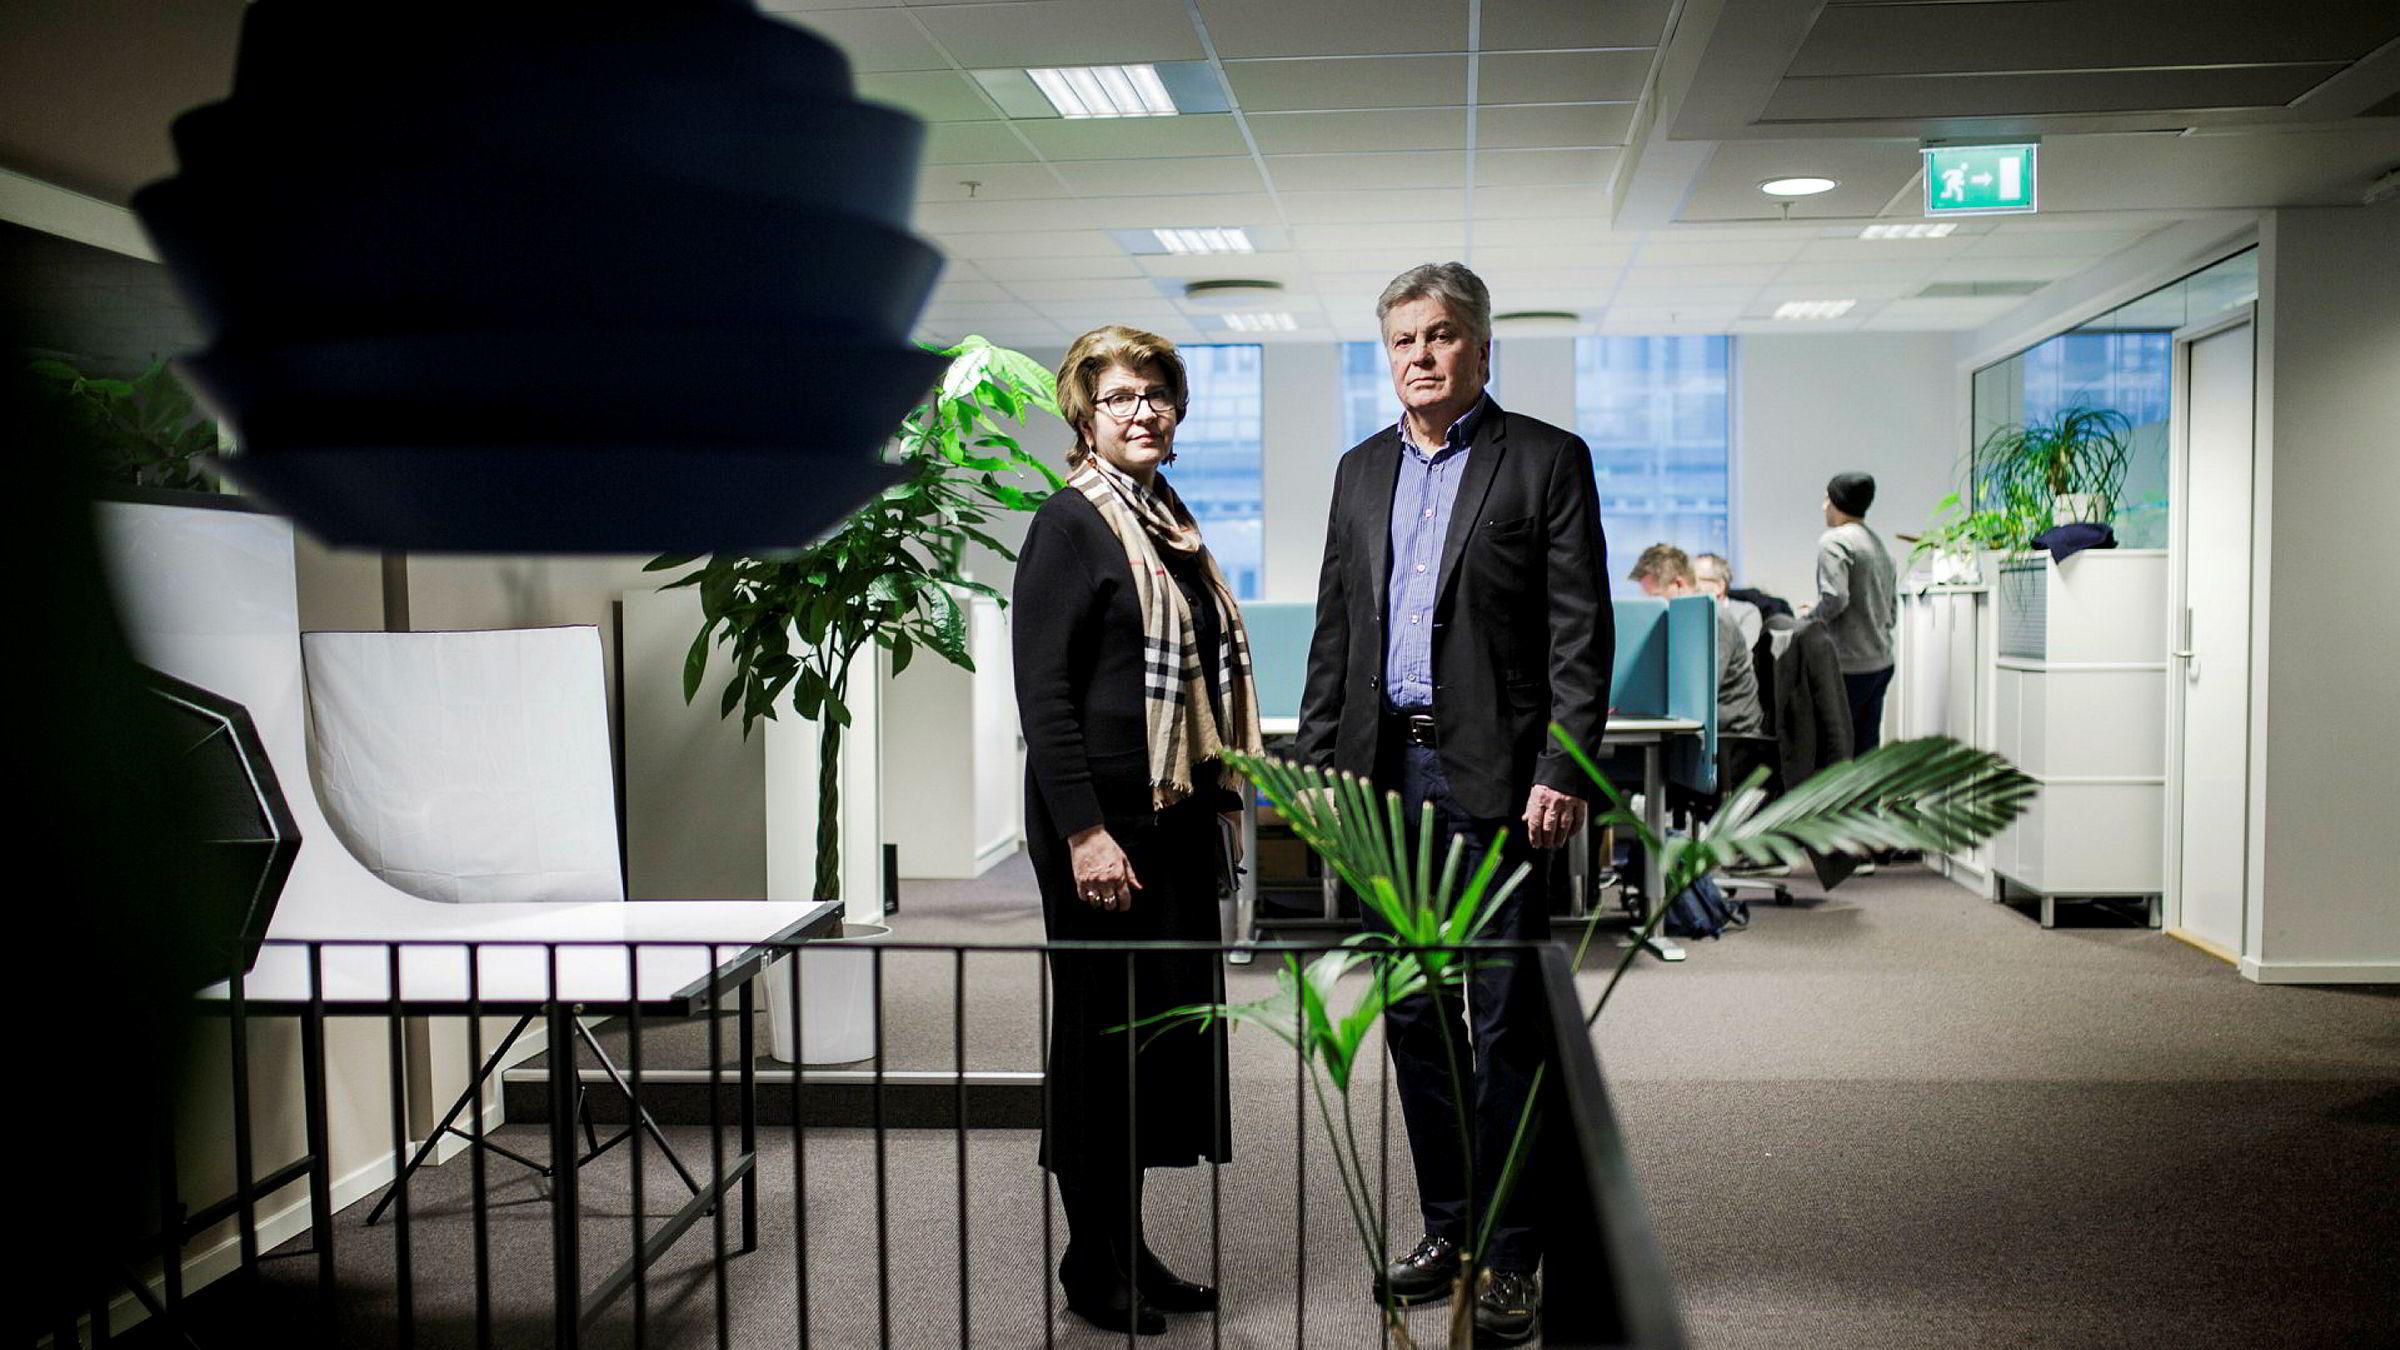 Direktør Randi Flesland i Forbrukerrådet og tidligere fondskunde i DNB Tom Loe tapte i retten mot DNB.